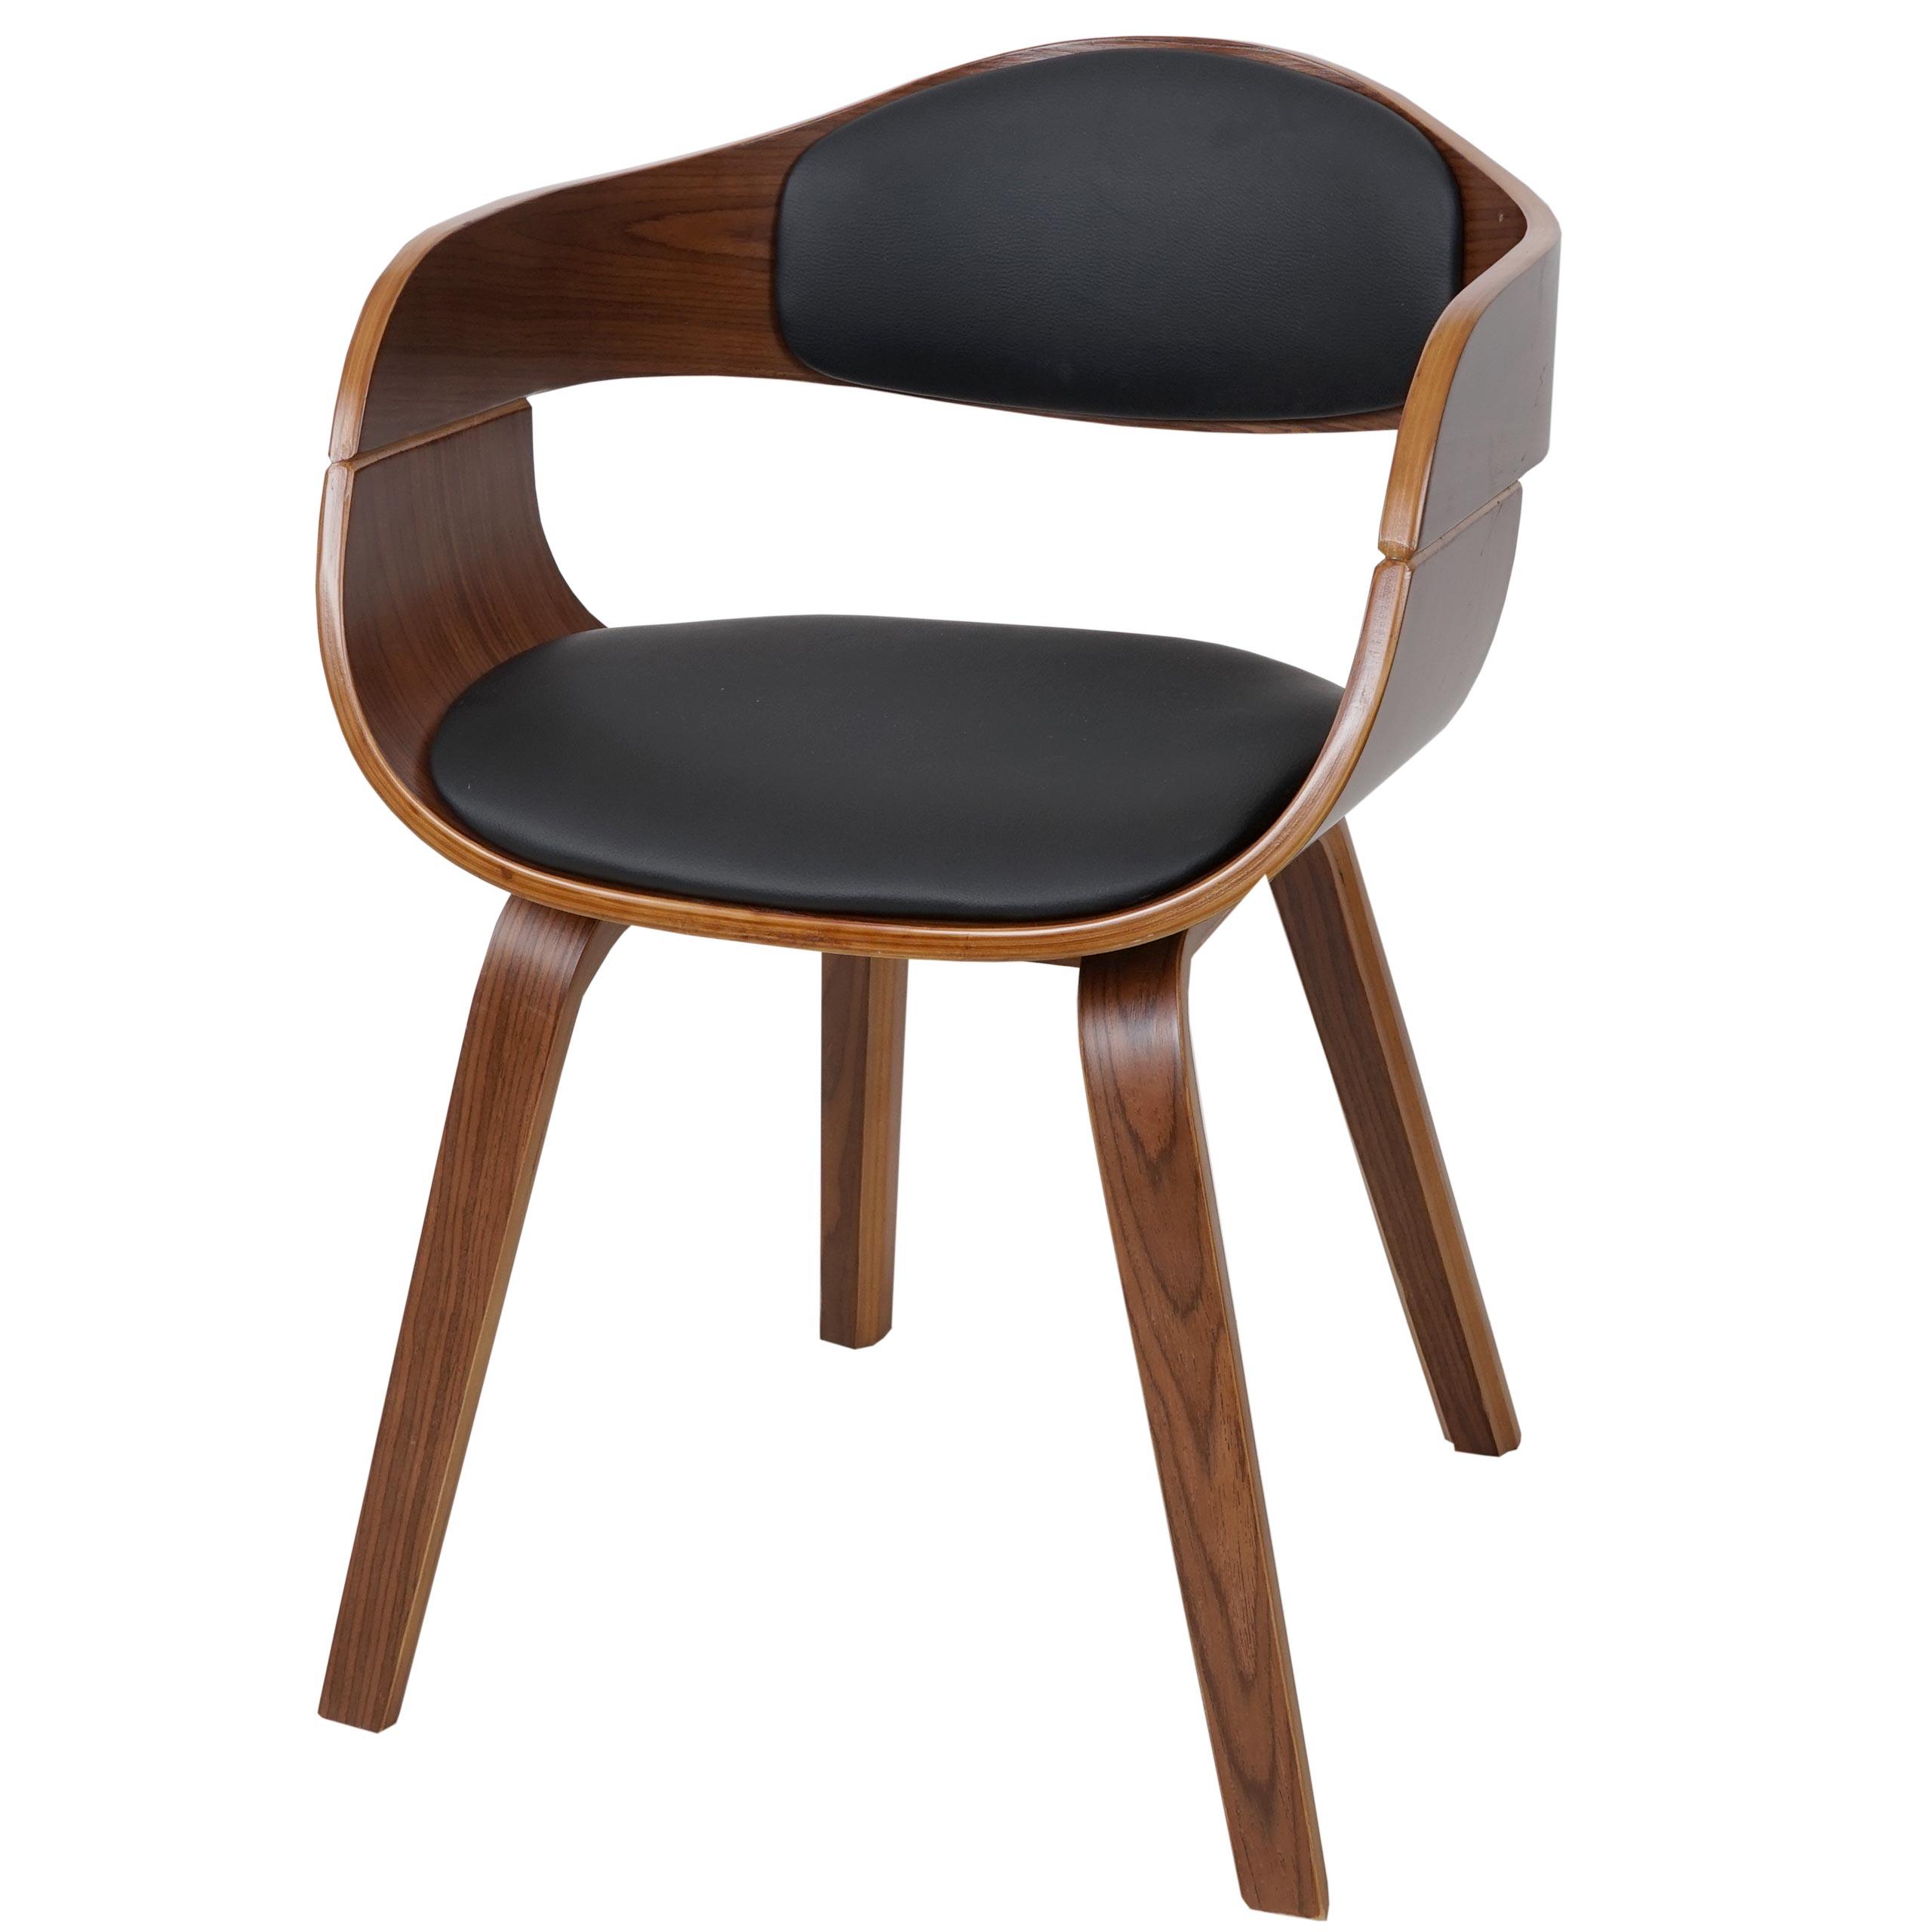 Esszimmerstuhl HWC A47 Tisch  & Stuhl Sets Holz Bugholz Retro Design Walnussoptik